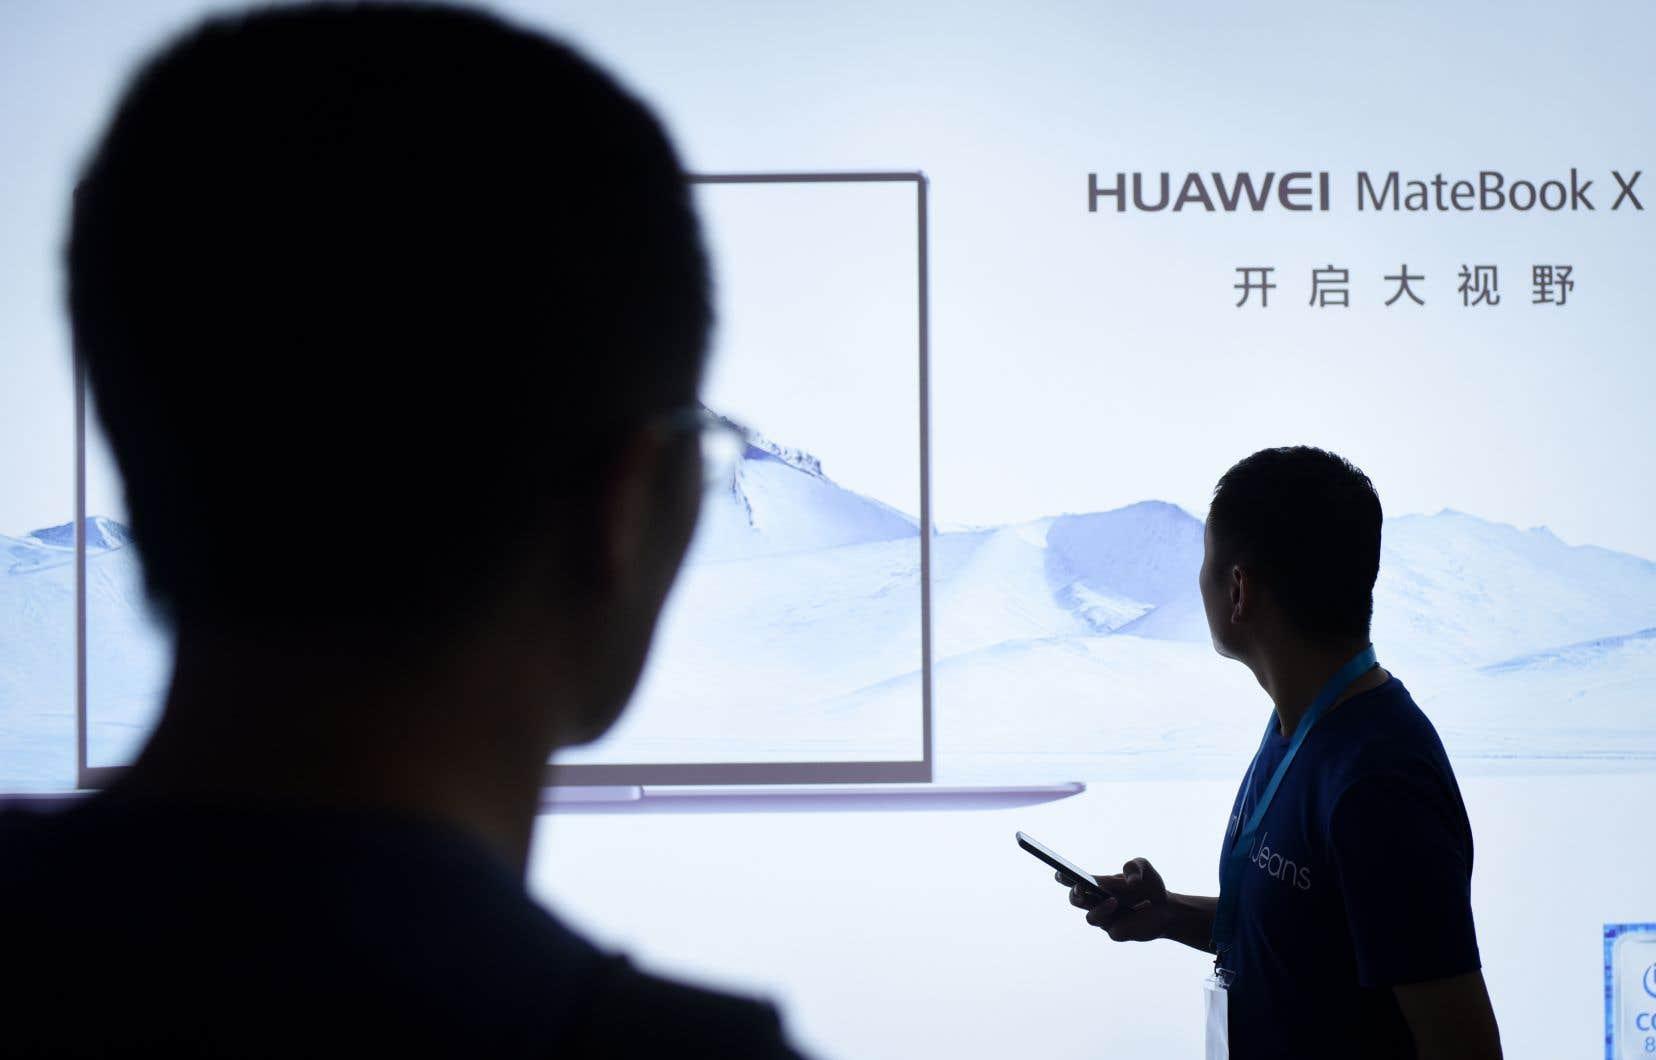 La Chine a convoqué dimanche l'ambassadeur des États-Unis pour protester contre l'arrestation de la directrice financière du géant chinois Huawei et a demandé à Washington de renoncer à sa demande d'extradition.